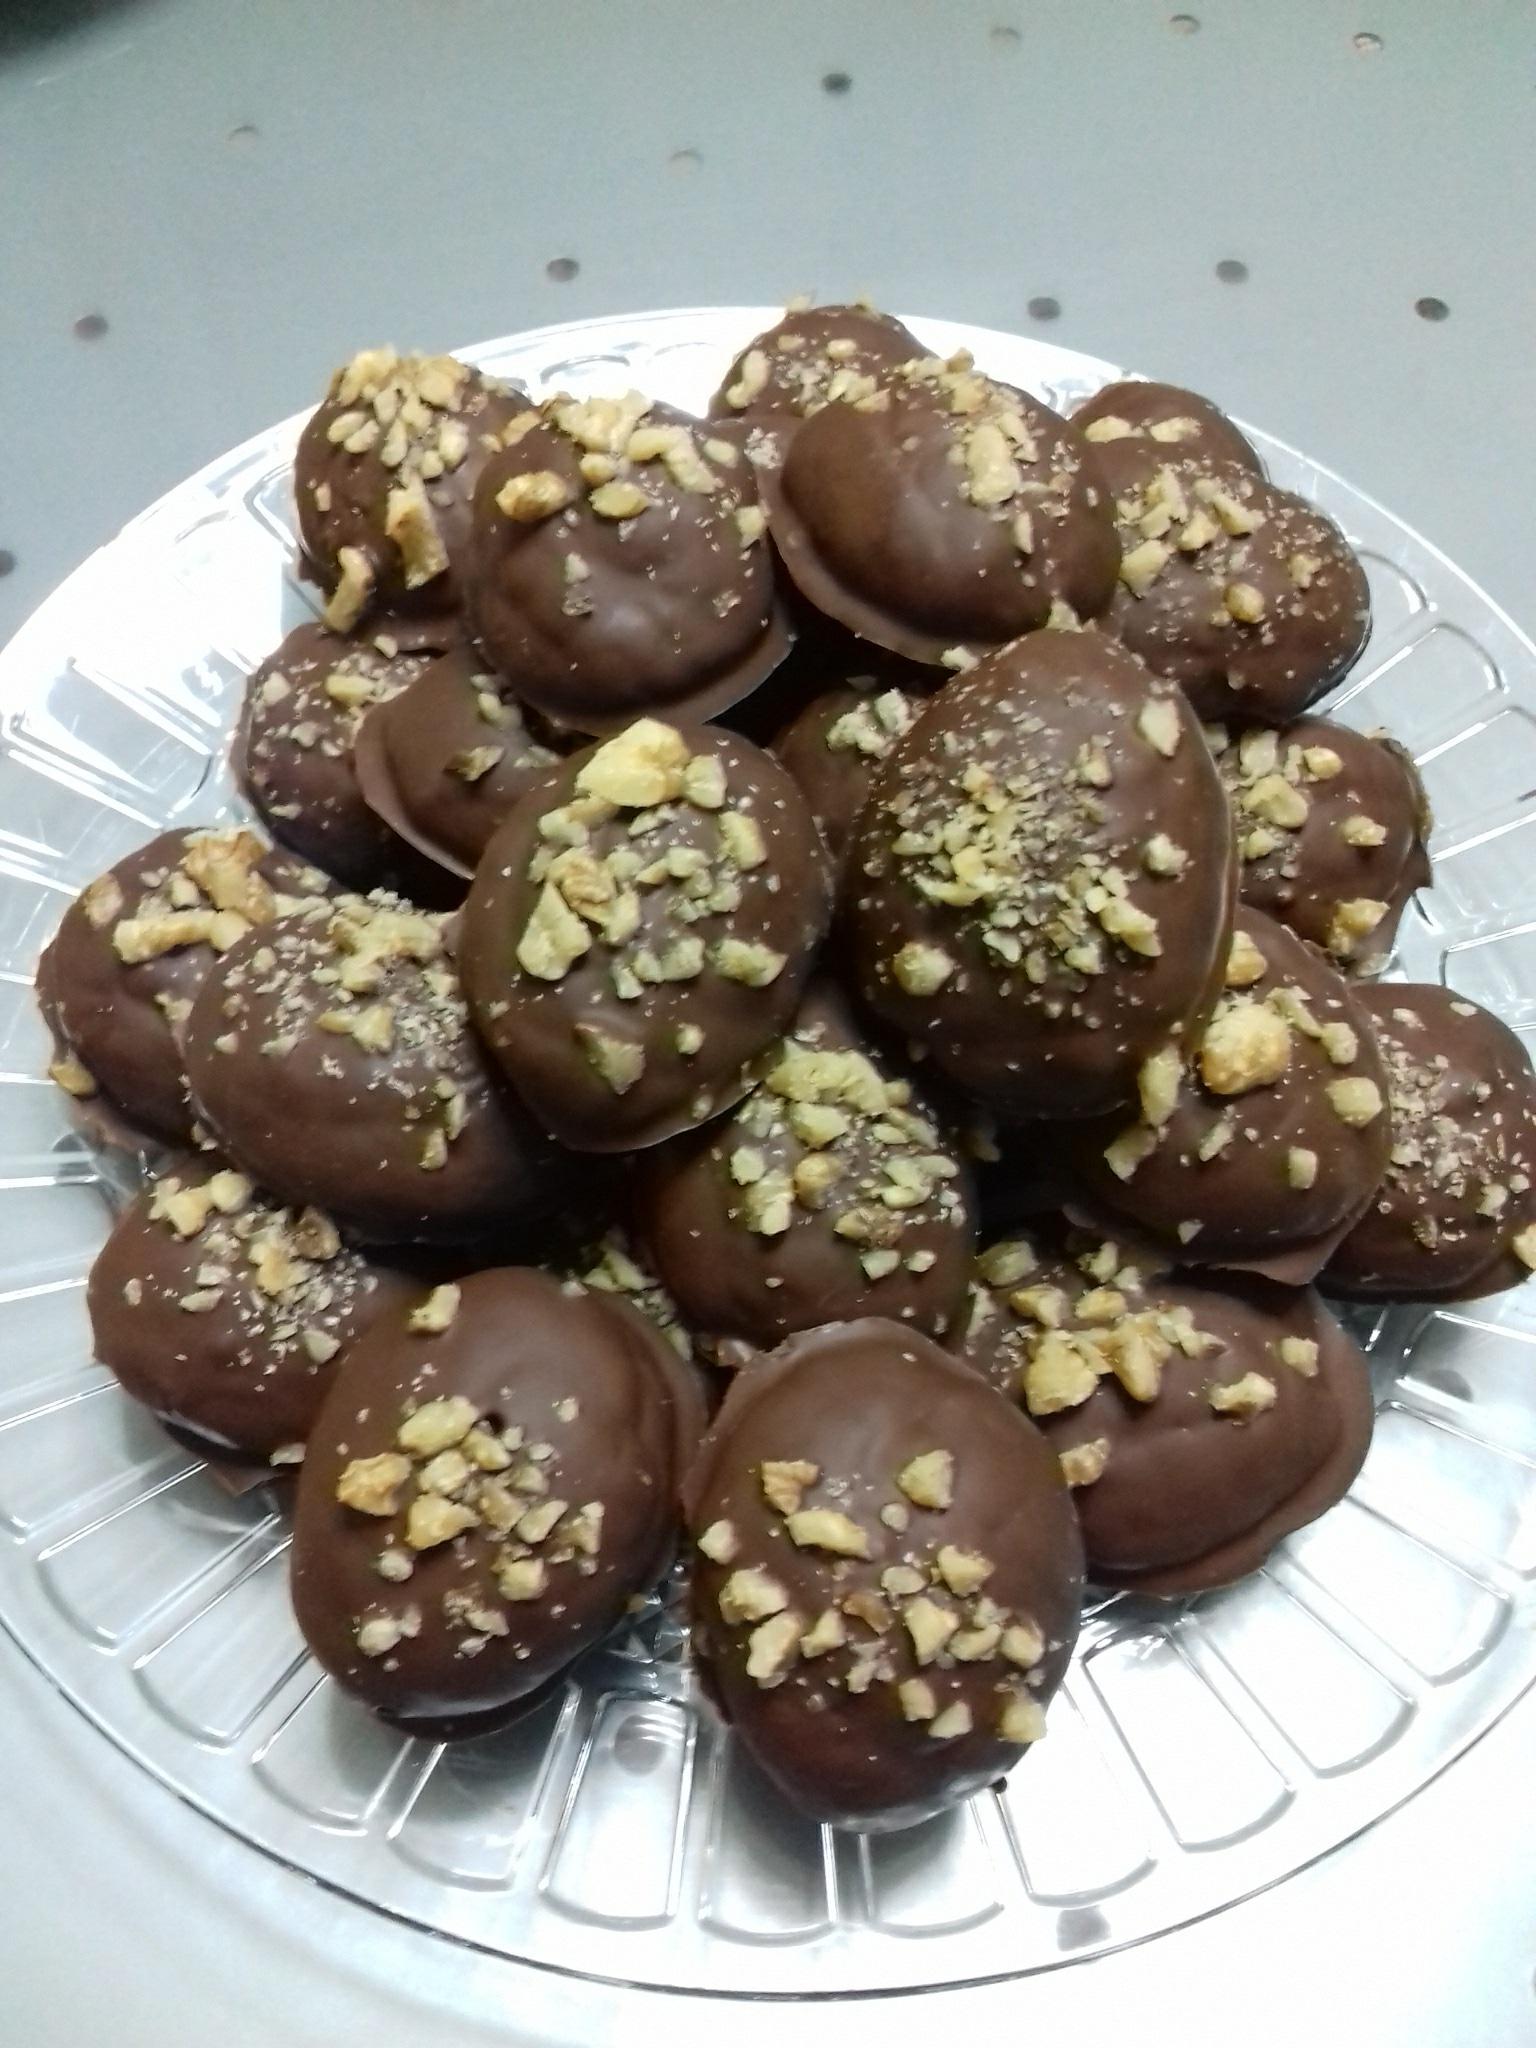 Σοκολατένια μελομακάρονα : Συνταγή για μελομακάρονα με σοκολάτα